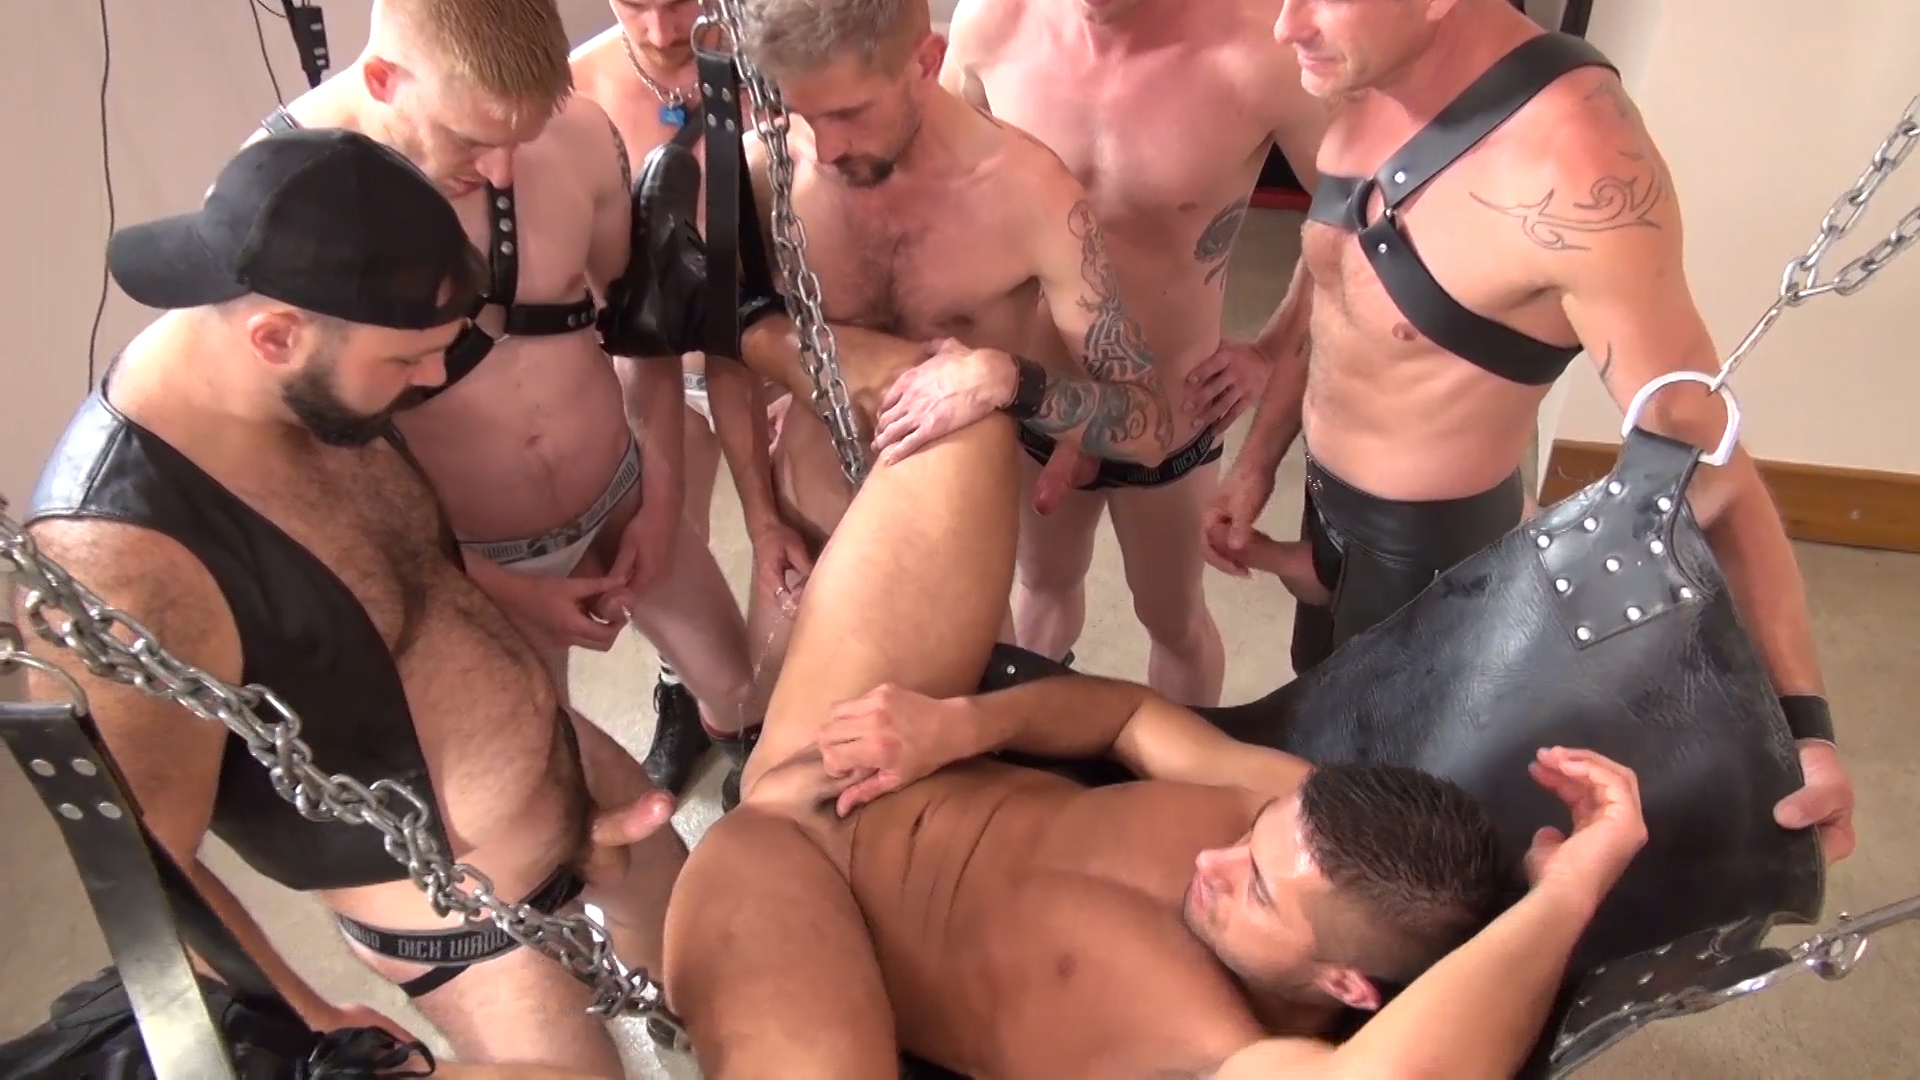 Hung gay gang bang videos